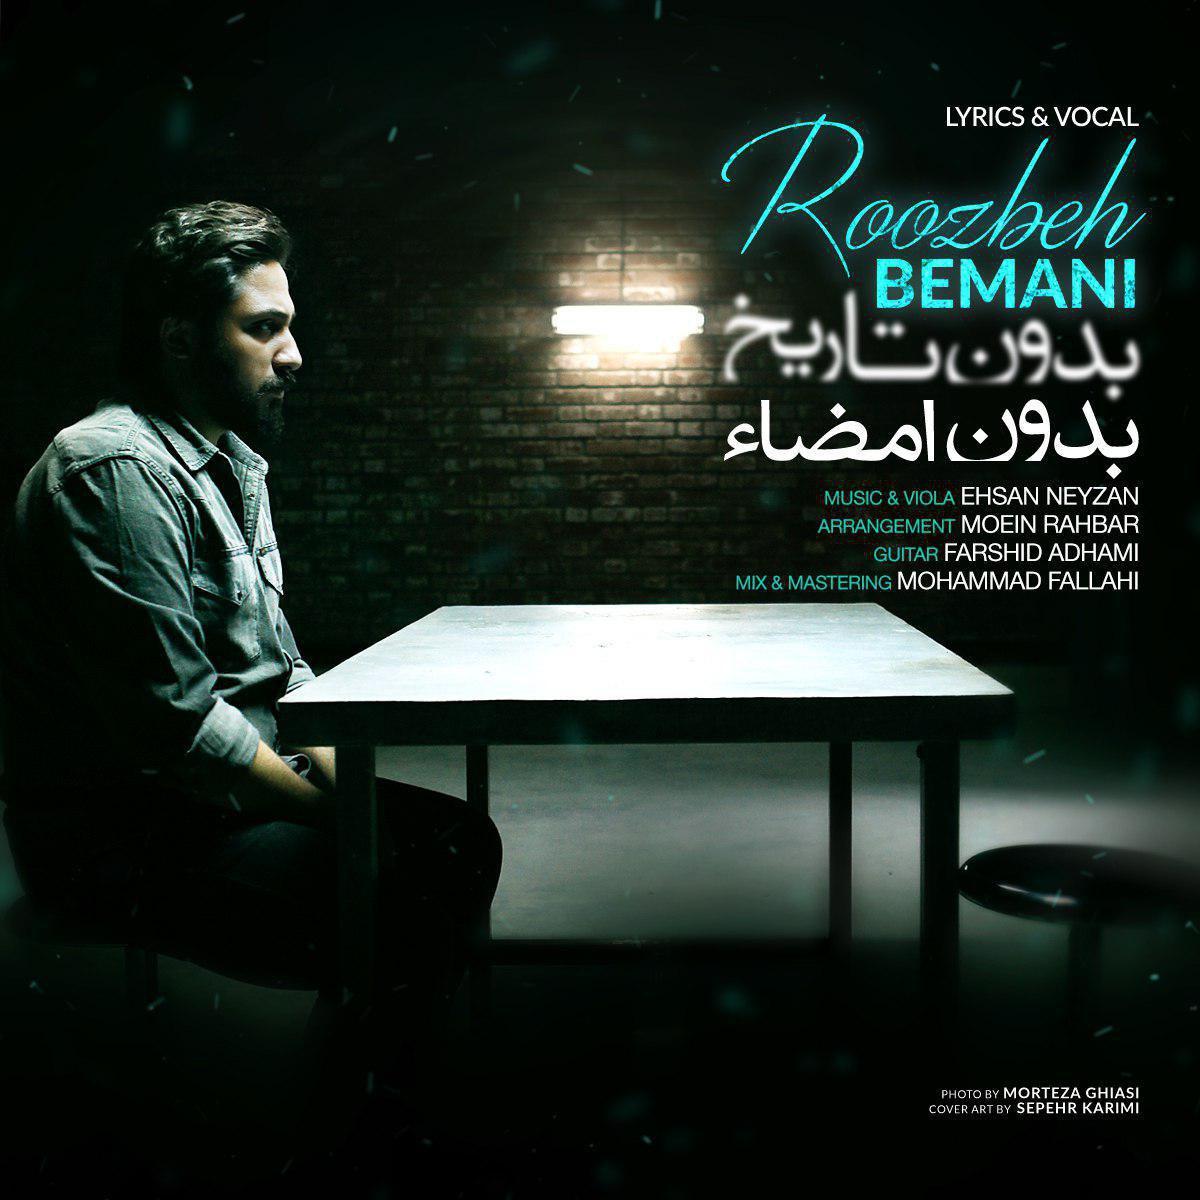 Roozbeh Bemani – Bedoone Tarikh Bedoone Emza